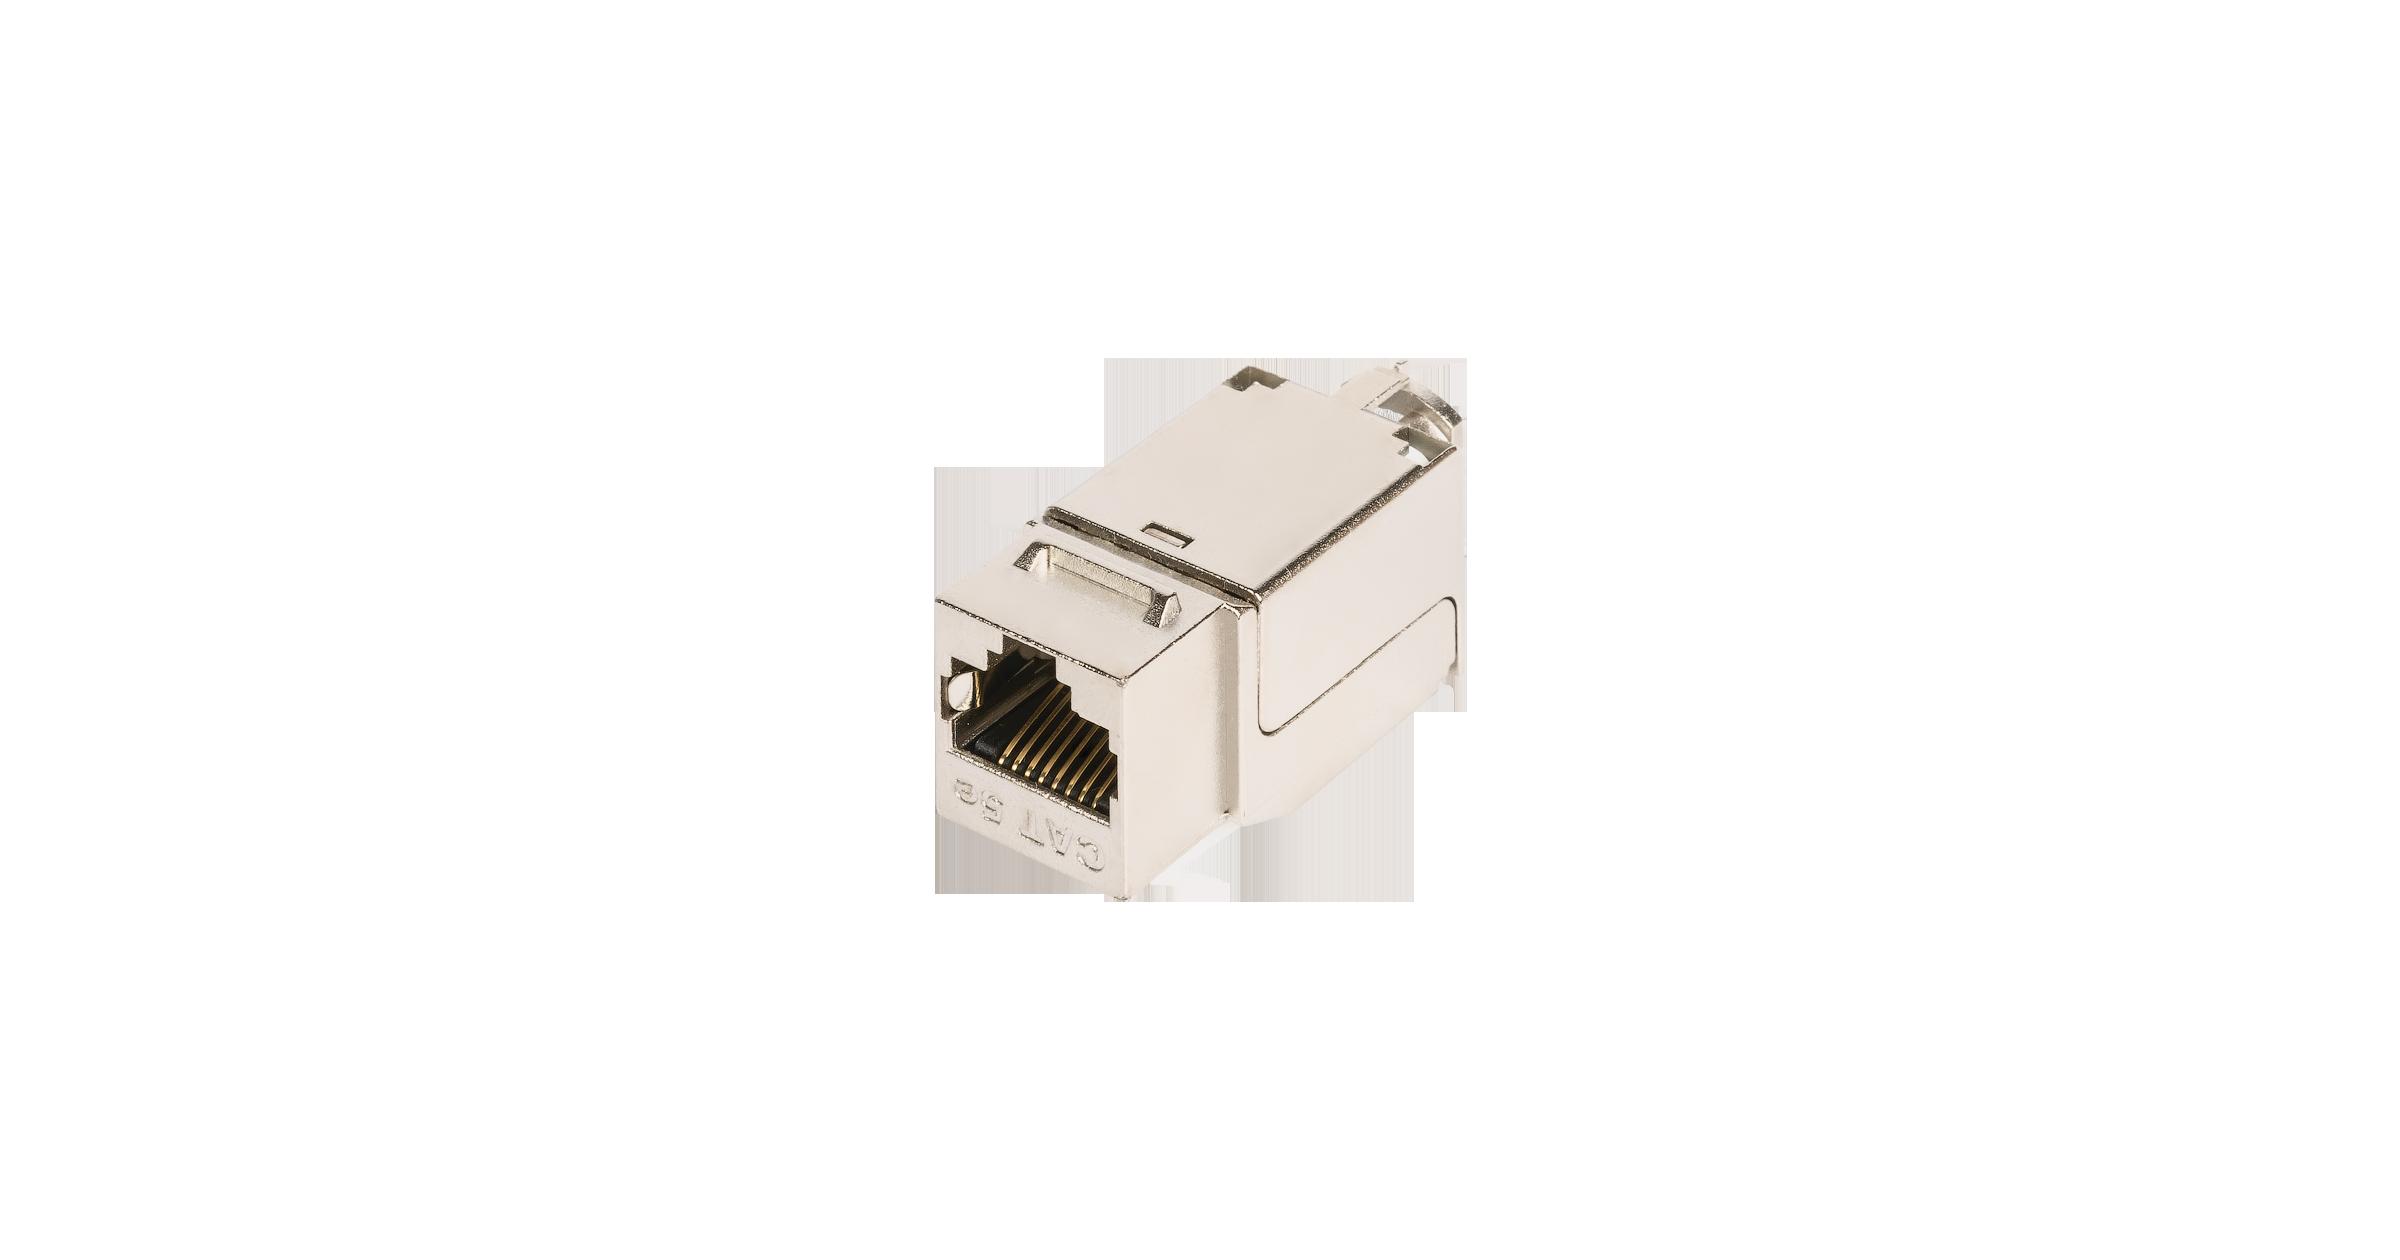 Модуль-вставка NIKOMAX типа Keystone, Кат.5е (Класс D), 100МГц, RJ45/8P8C, FT-TOOL/110/KRONE, T568A/B, полный экран, металлик - гарантия: 5 лет расширенная / 25 лет системная